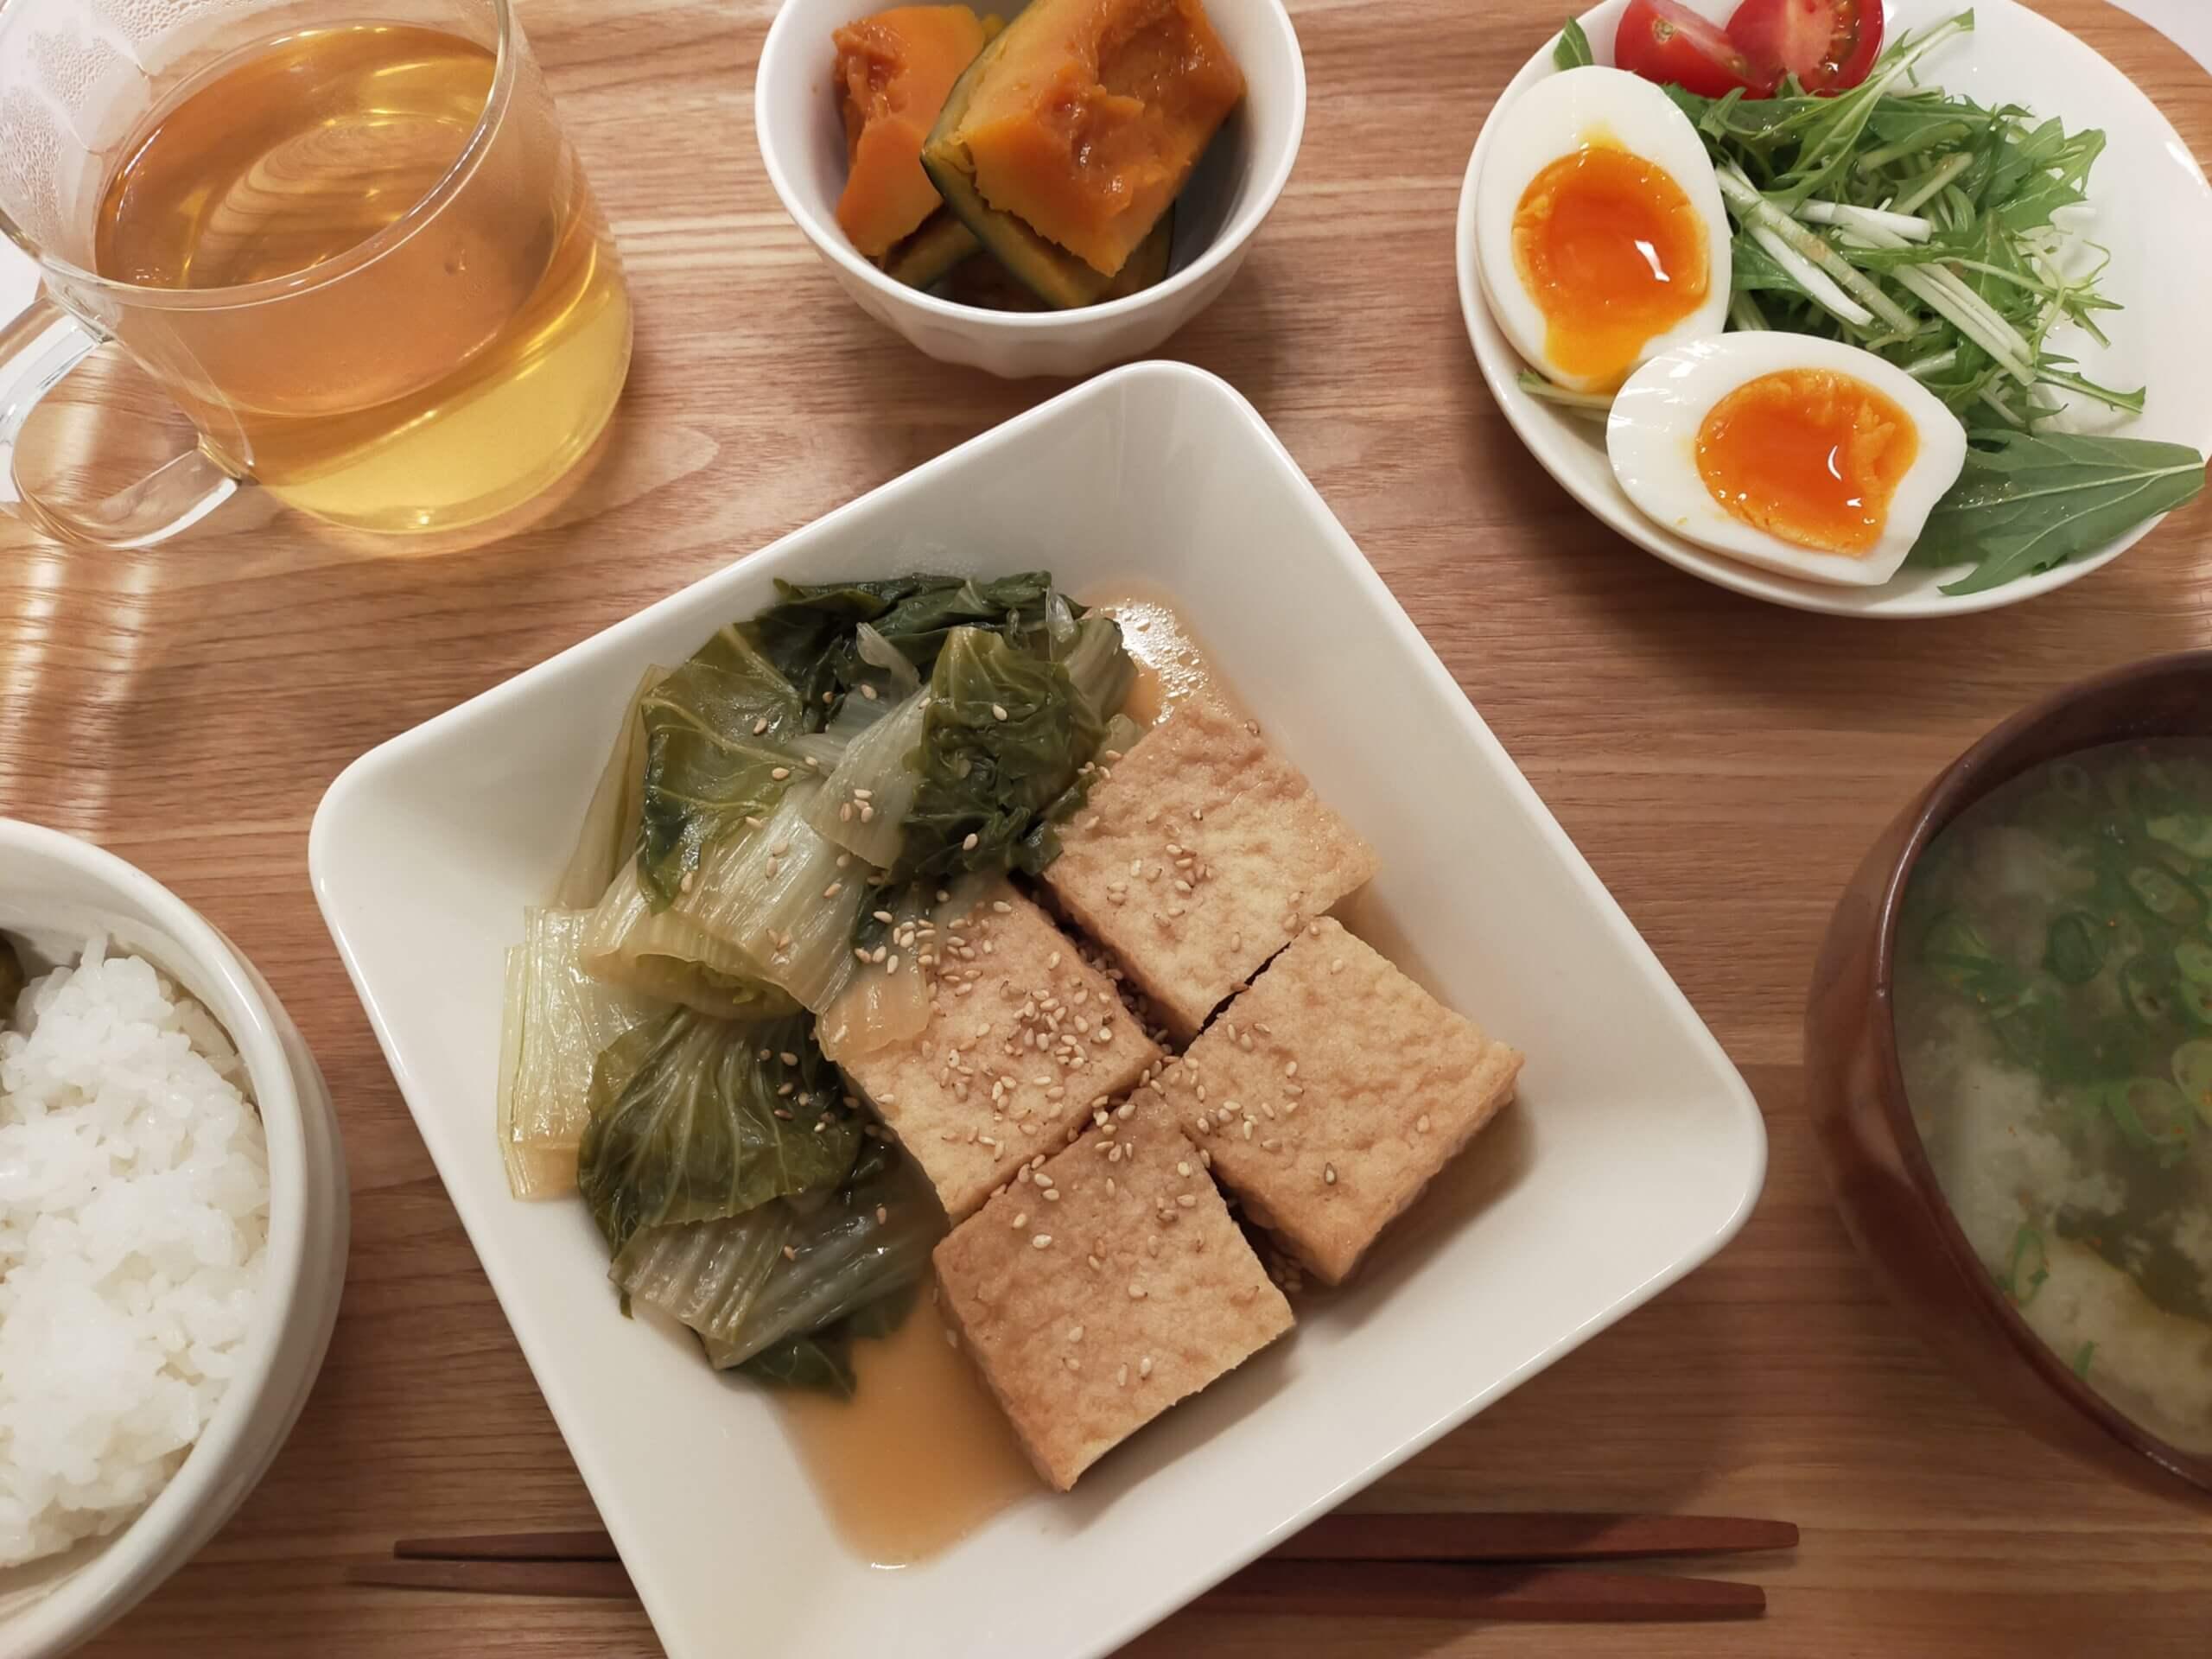 イオン・トップバリュのパン・ド・ミ、生食/白なと厚揚げの煮物